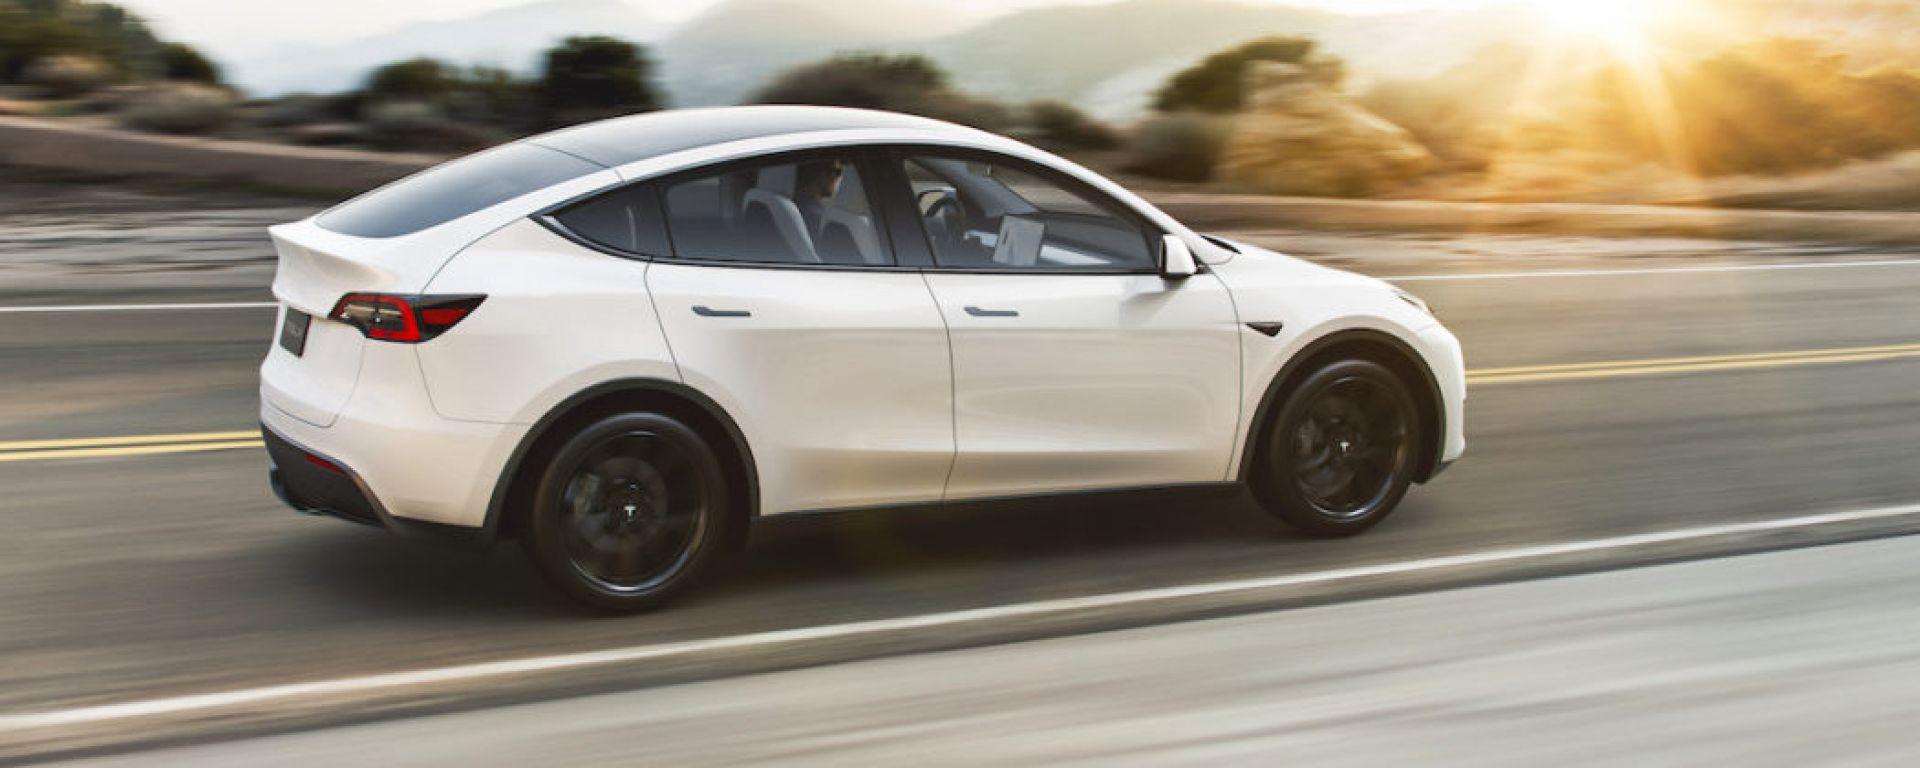 Tesla Autopilot: come ingannare il pilota automatico delle auto elettriche americane